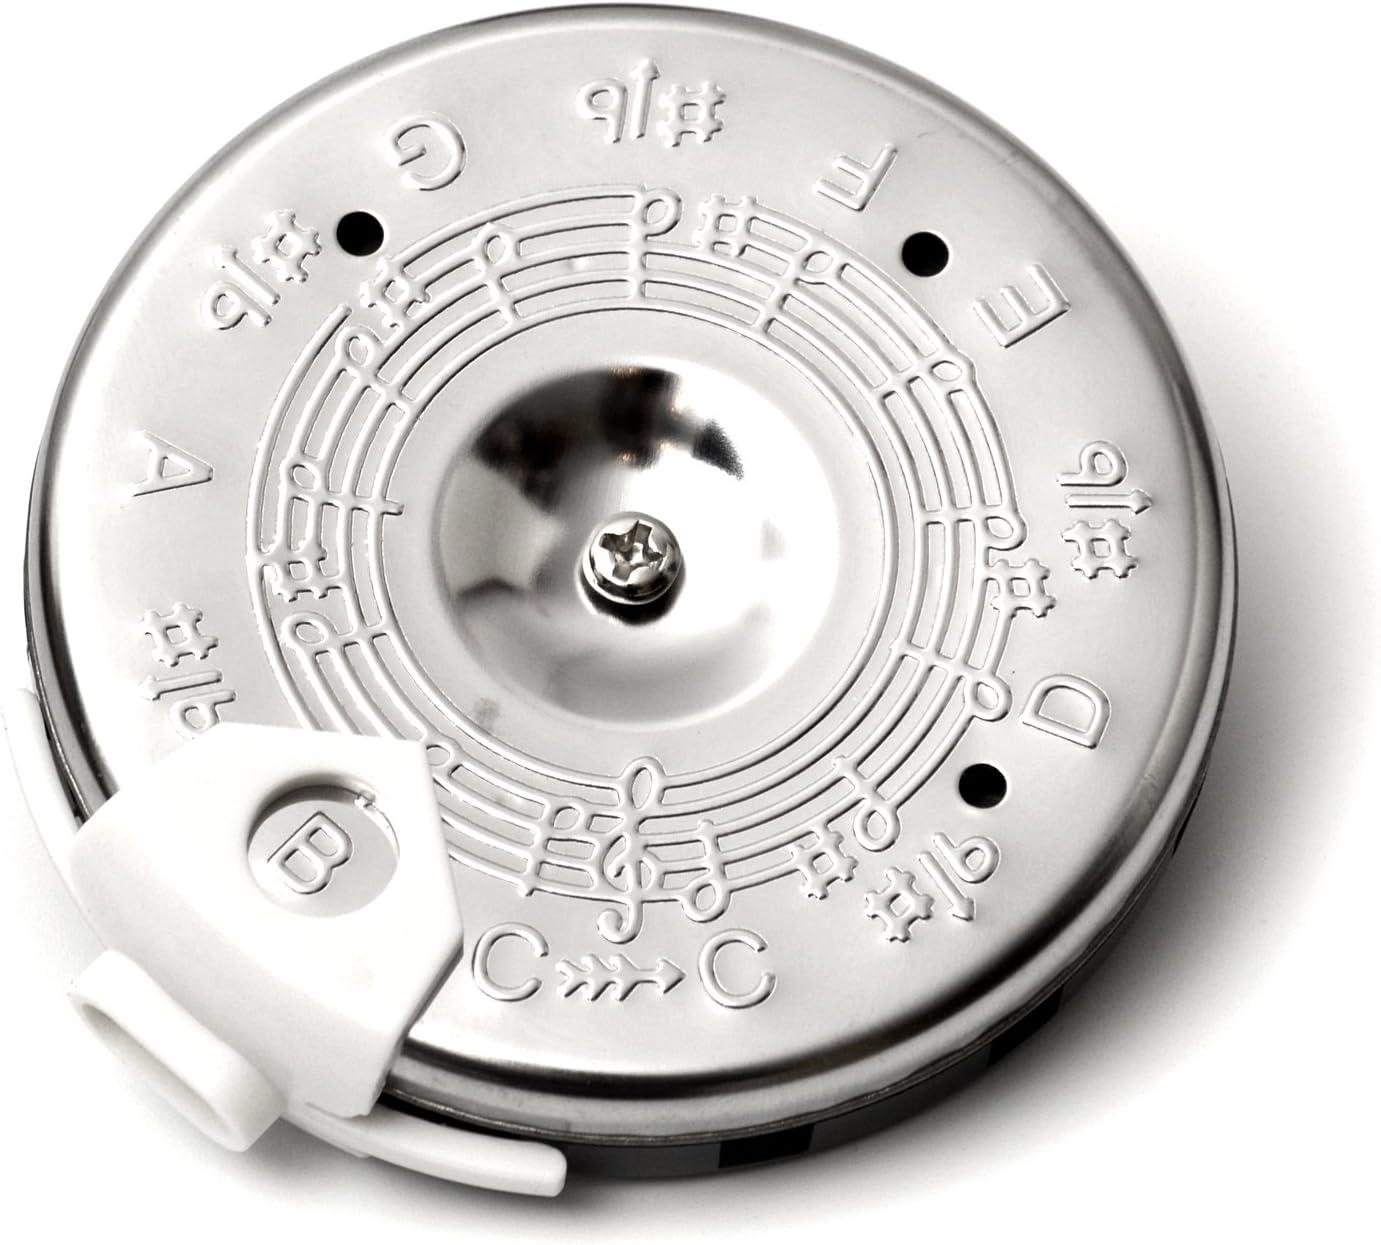 Elagon (PPC) Silbato de tono cromático afinador cromático para cantantes y músicos - de do a do. Para guitarra, bajo, violín, instrumentos de cuerda, o sintonizador de cantante.